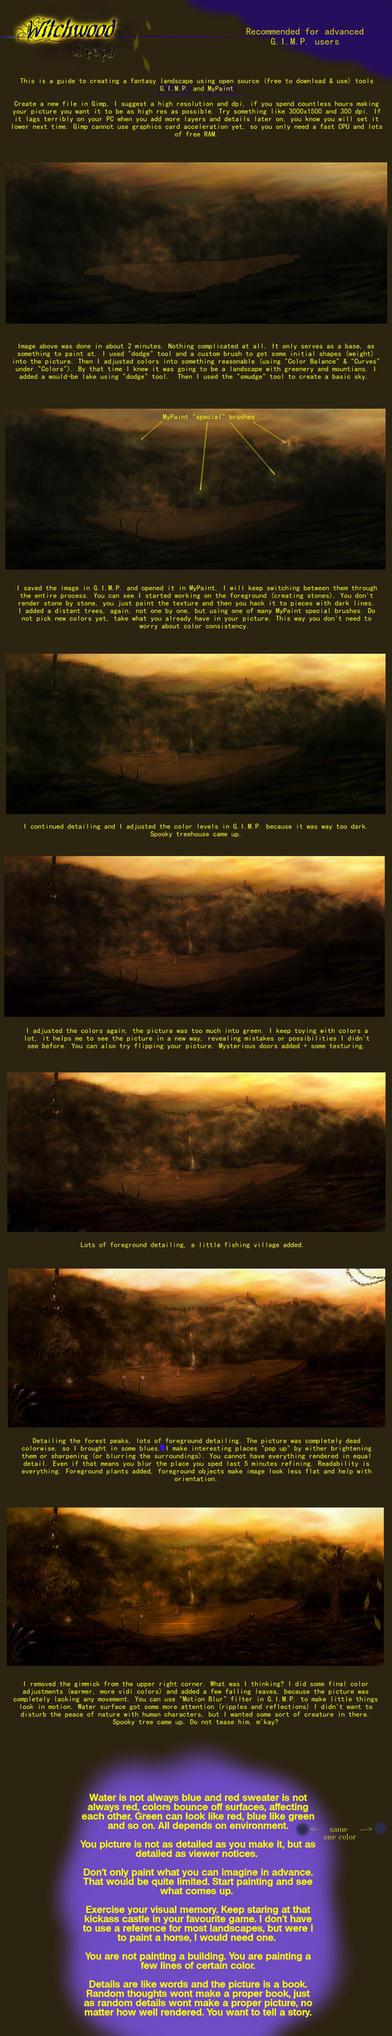 Witchwood - painting tutorial by Nrekkvan